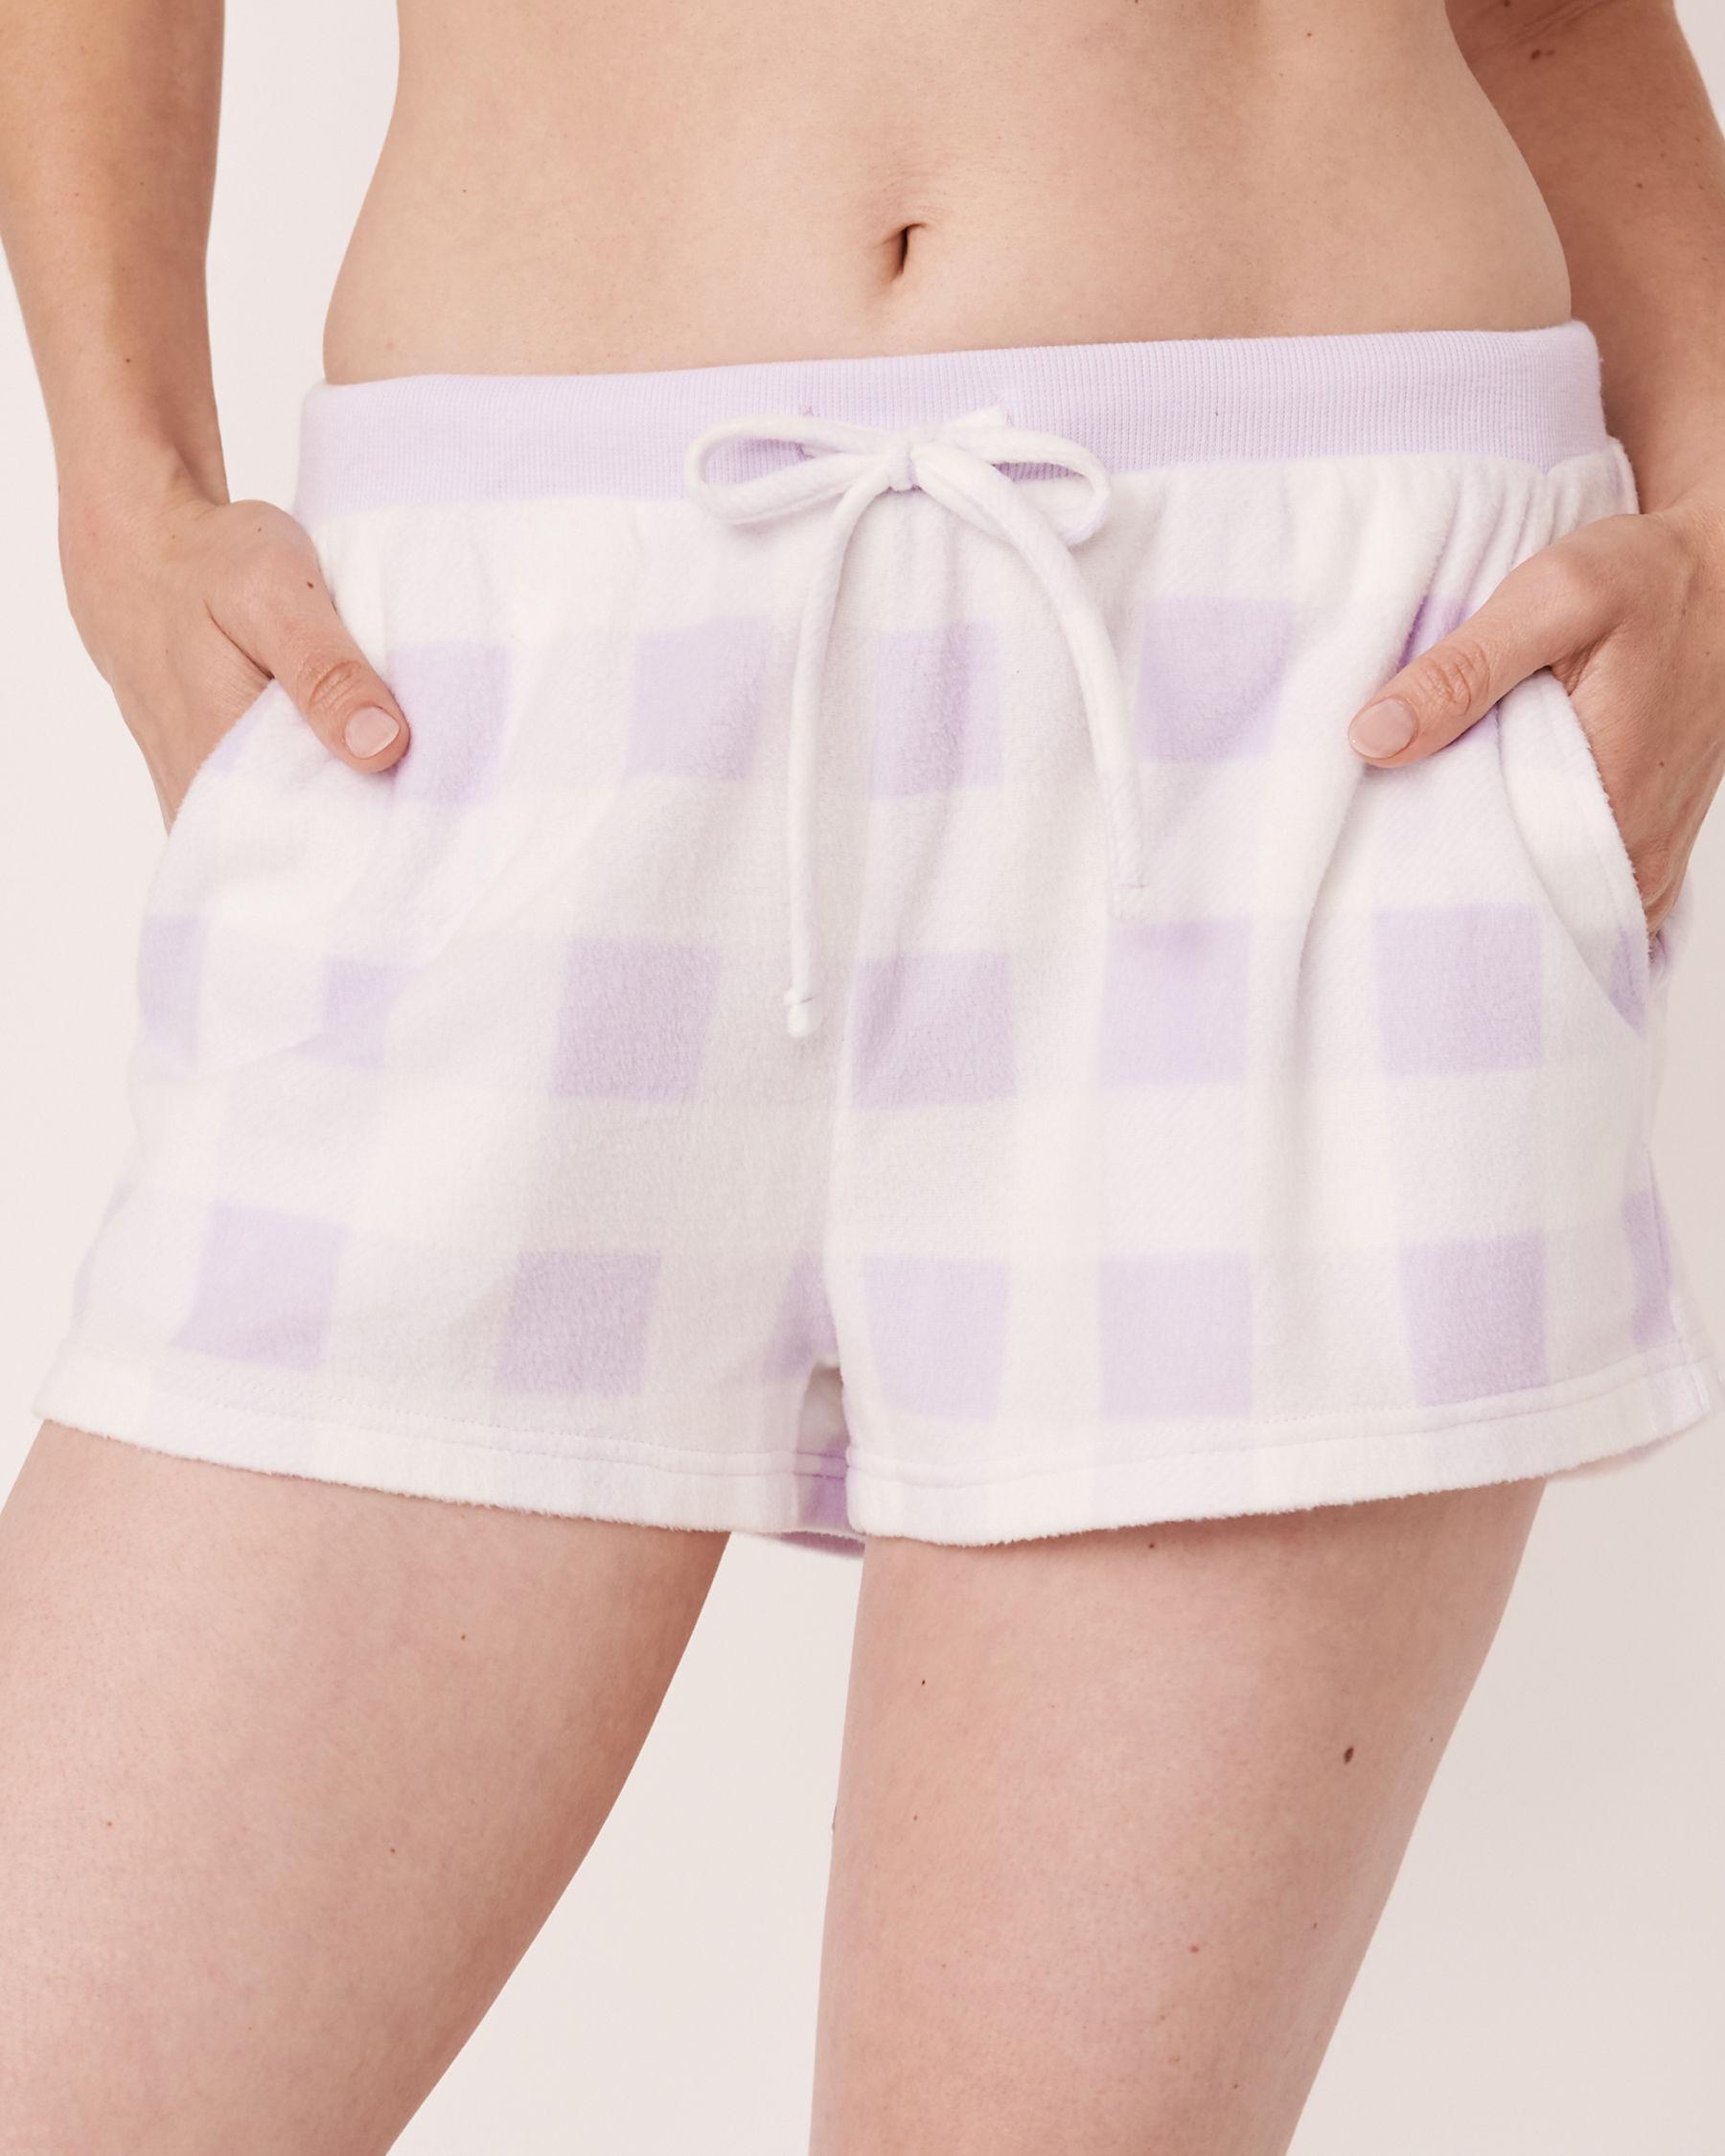 LA VIE EN ROSE Ensemble pyjama short en micropolaire Vichy mauve 40400014 - Voir3